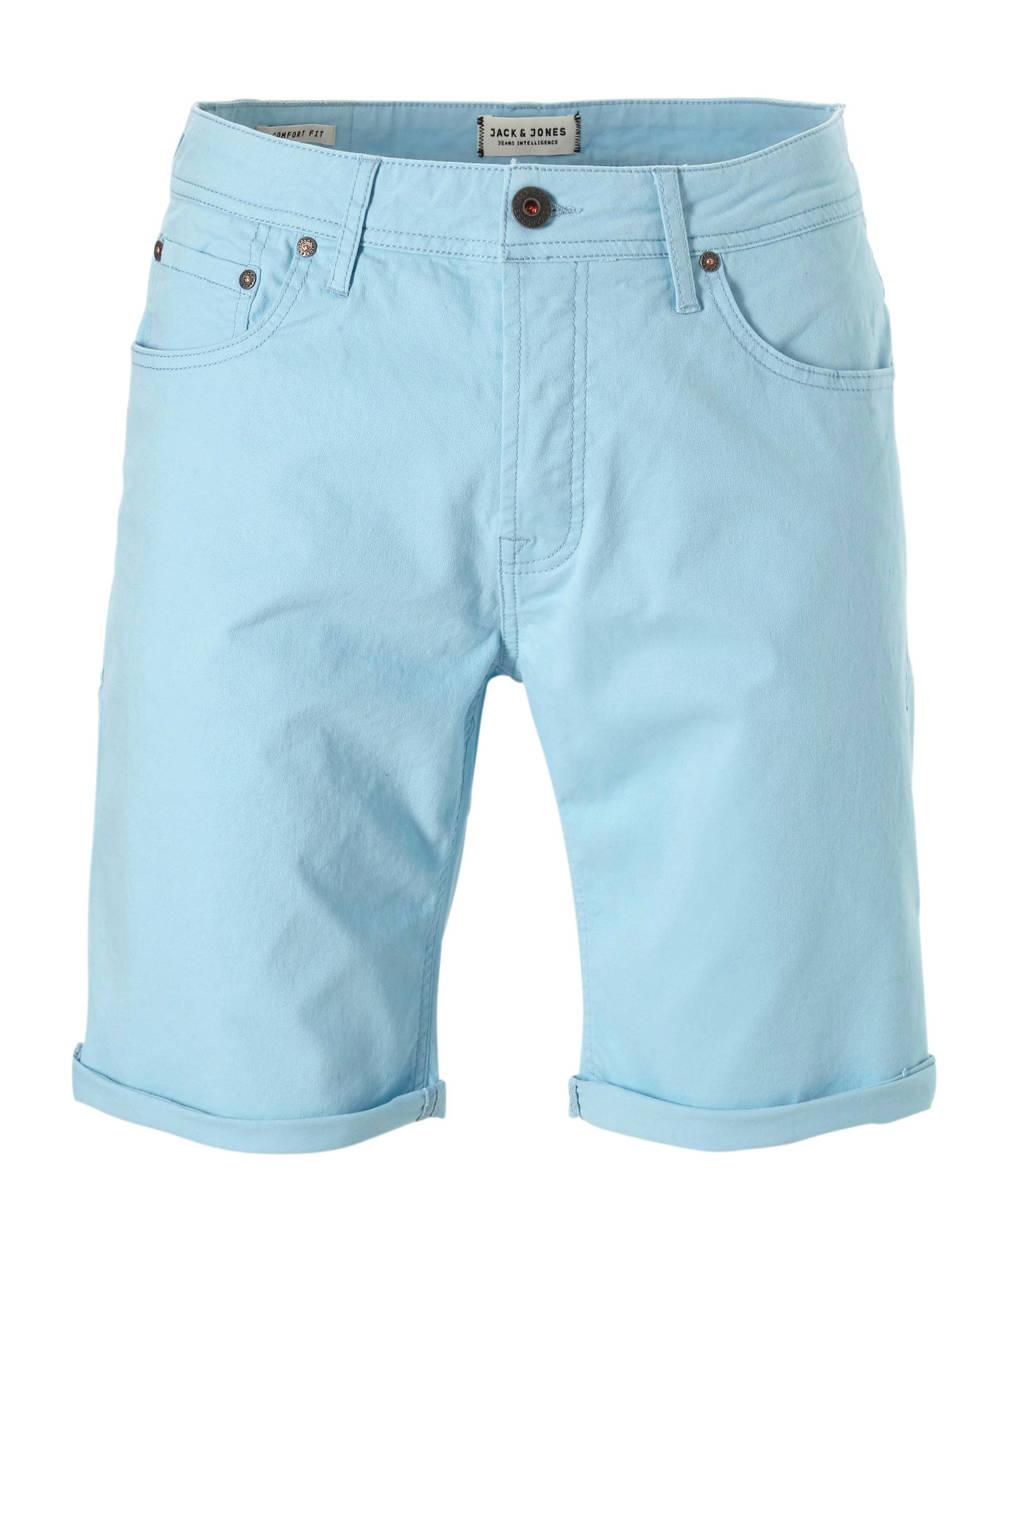 Jack & Jones Jeans Intelligence bermuda lichtblauw, Lichtblauw